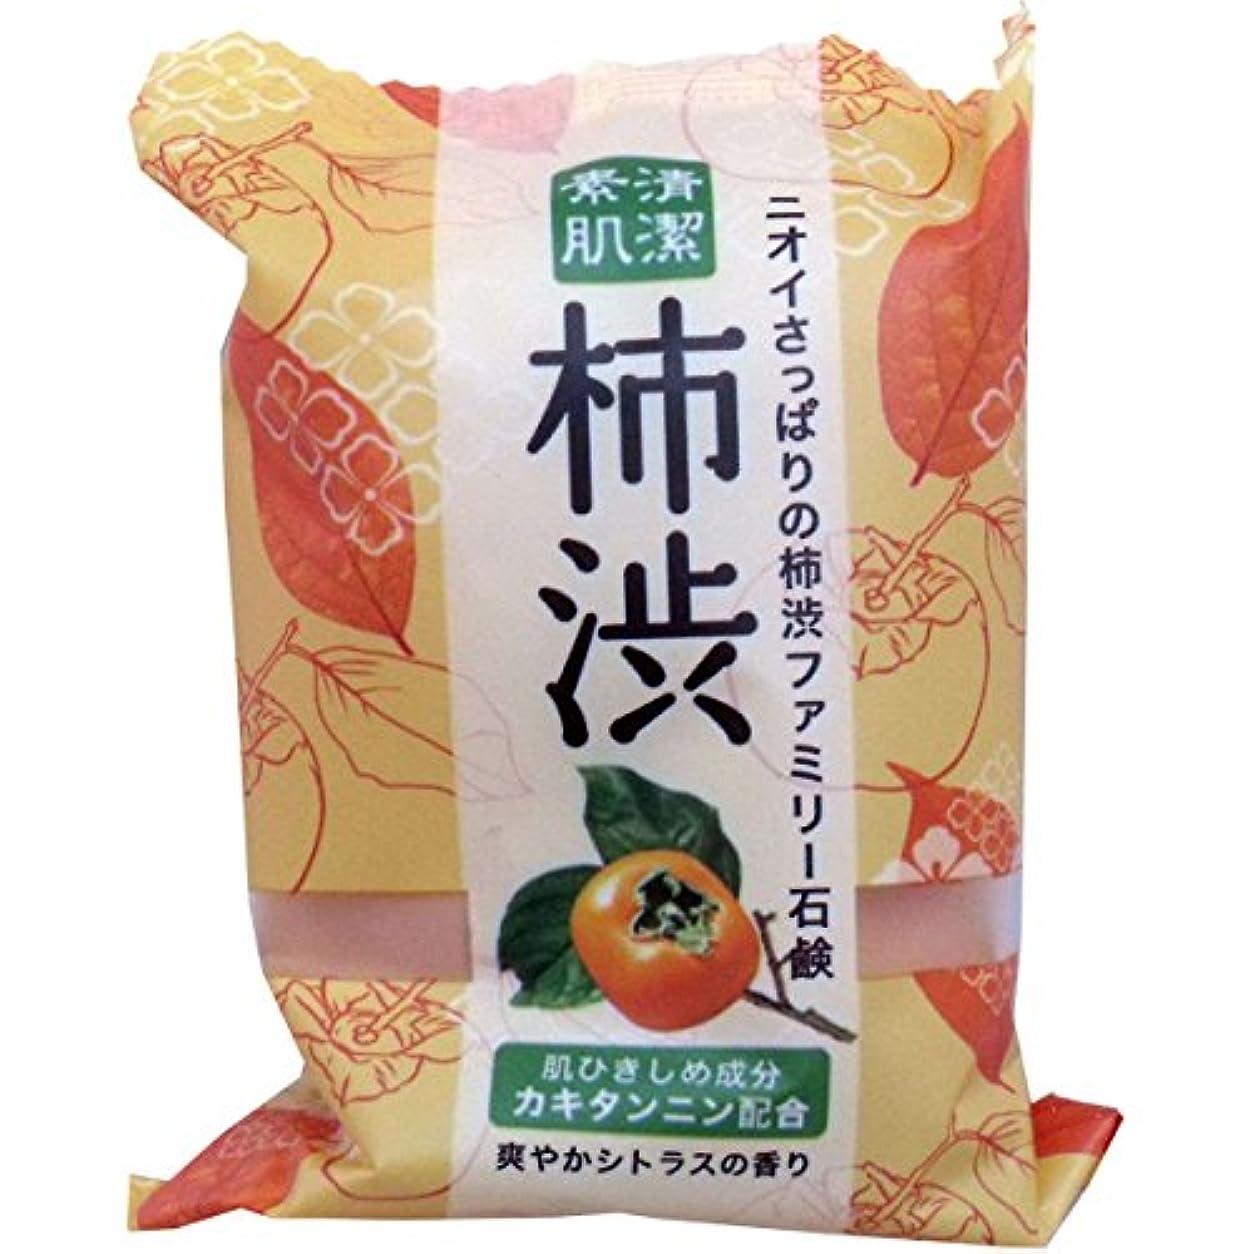 日常的に付録サイクルペリカン石鹸 ファミリー柿渋石鹸(1個)